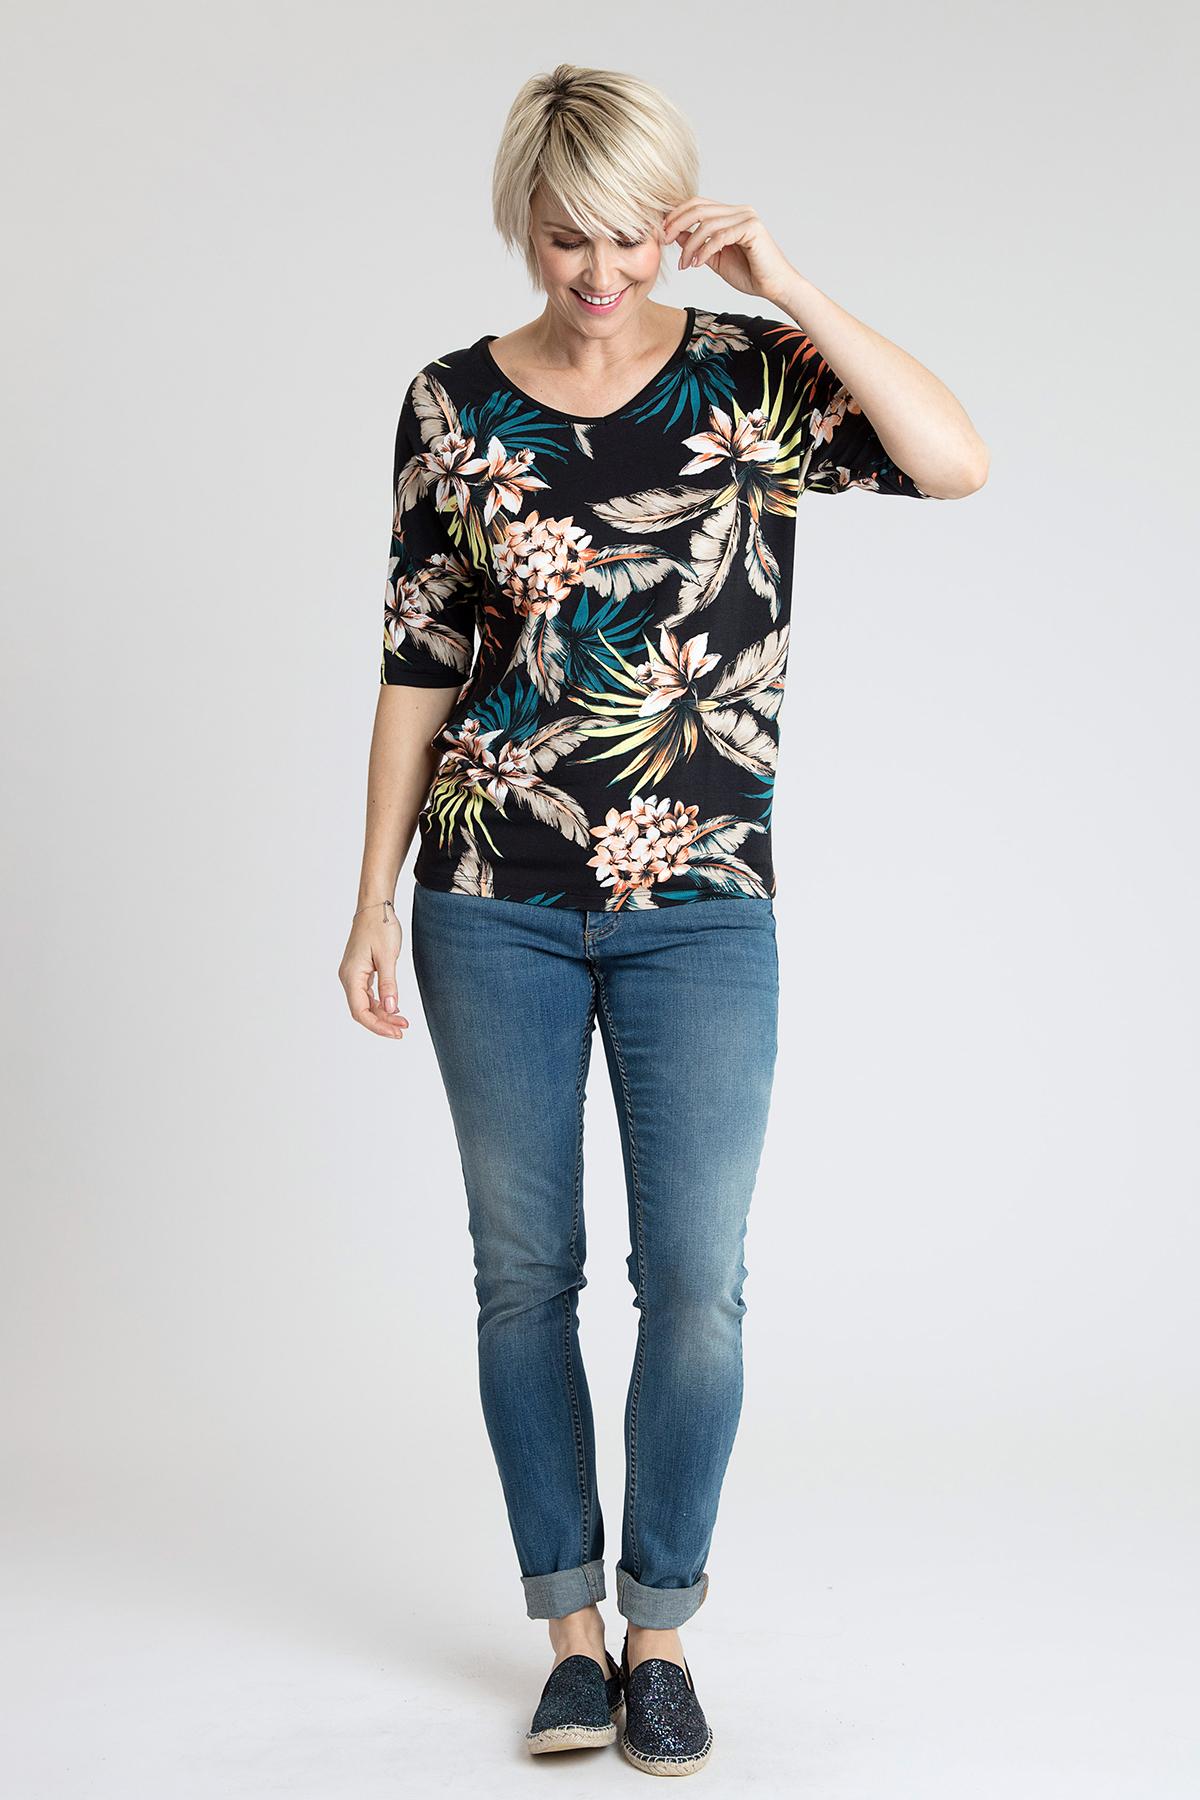 Schwarz Kurzarm T-Shirt von Bon'A Parte – Shoppen Sie Schwarz Kurzarm T-Shirt ab Gr. S-2XL hier